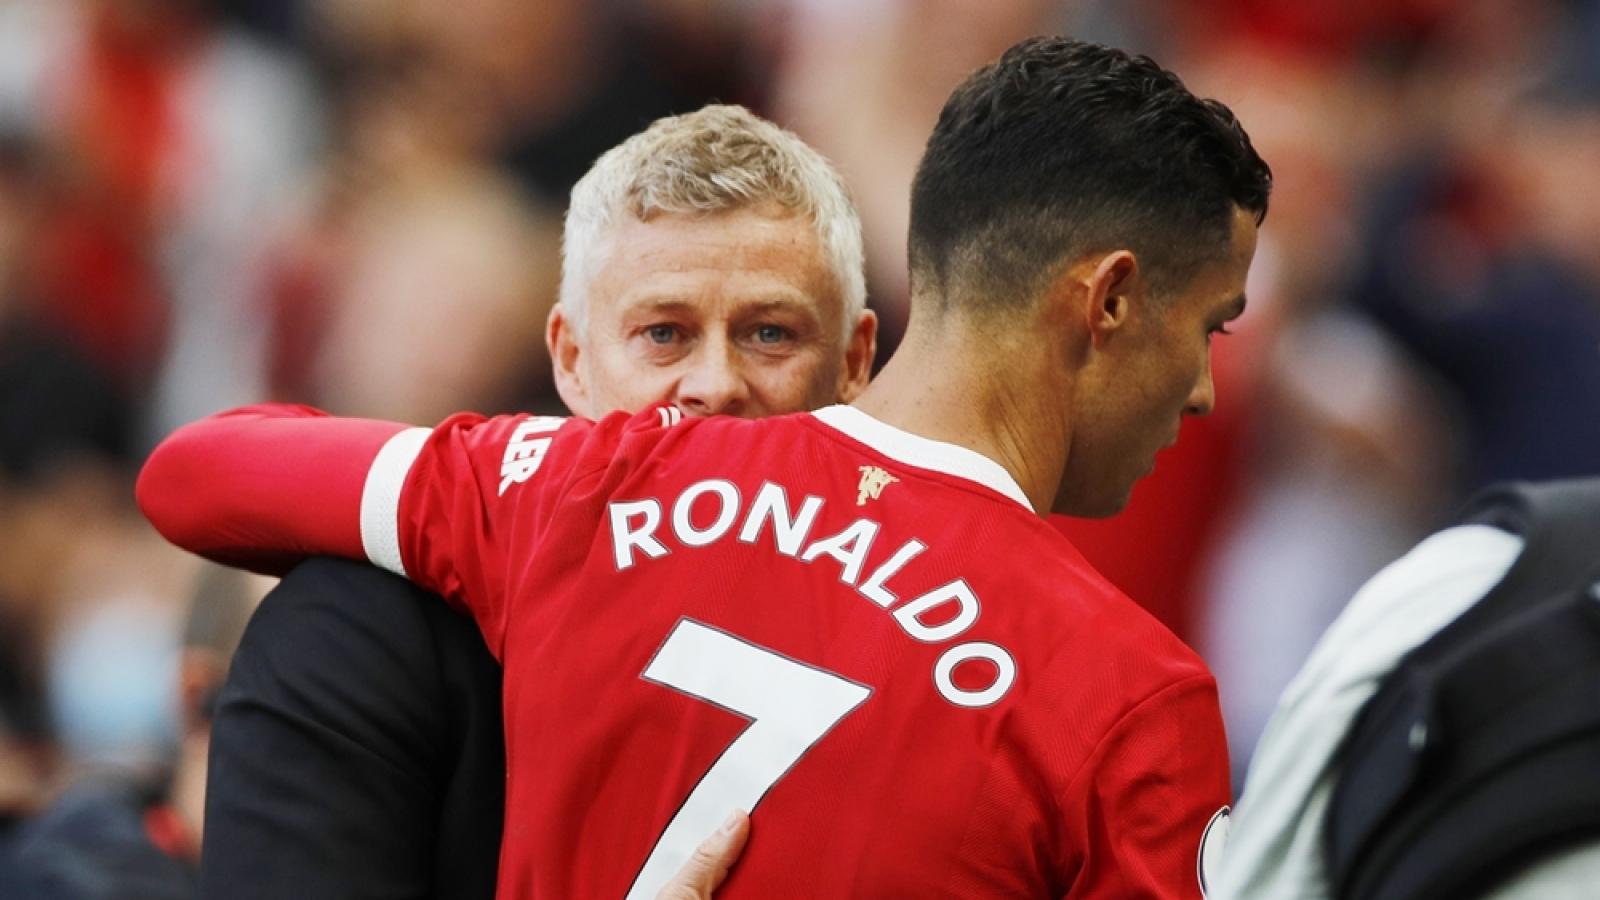 HLV Solskjaer và MU bắt đầu mơ mộng khi Ronaldo tỏa sáng rực rỡ